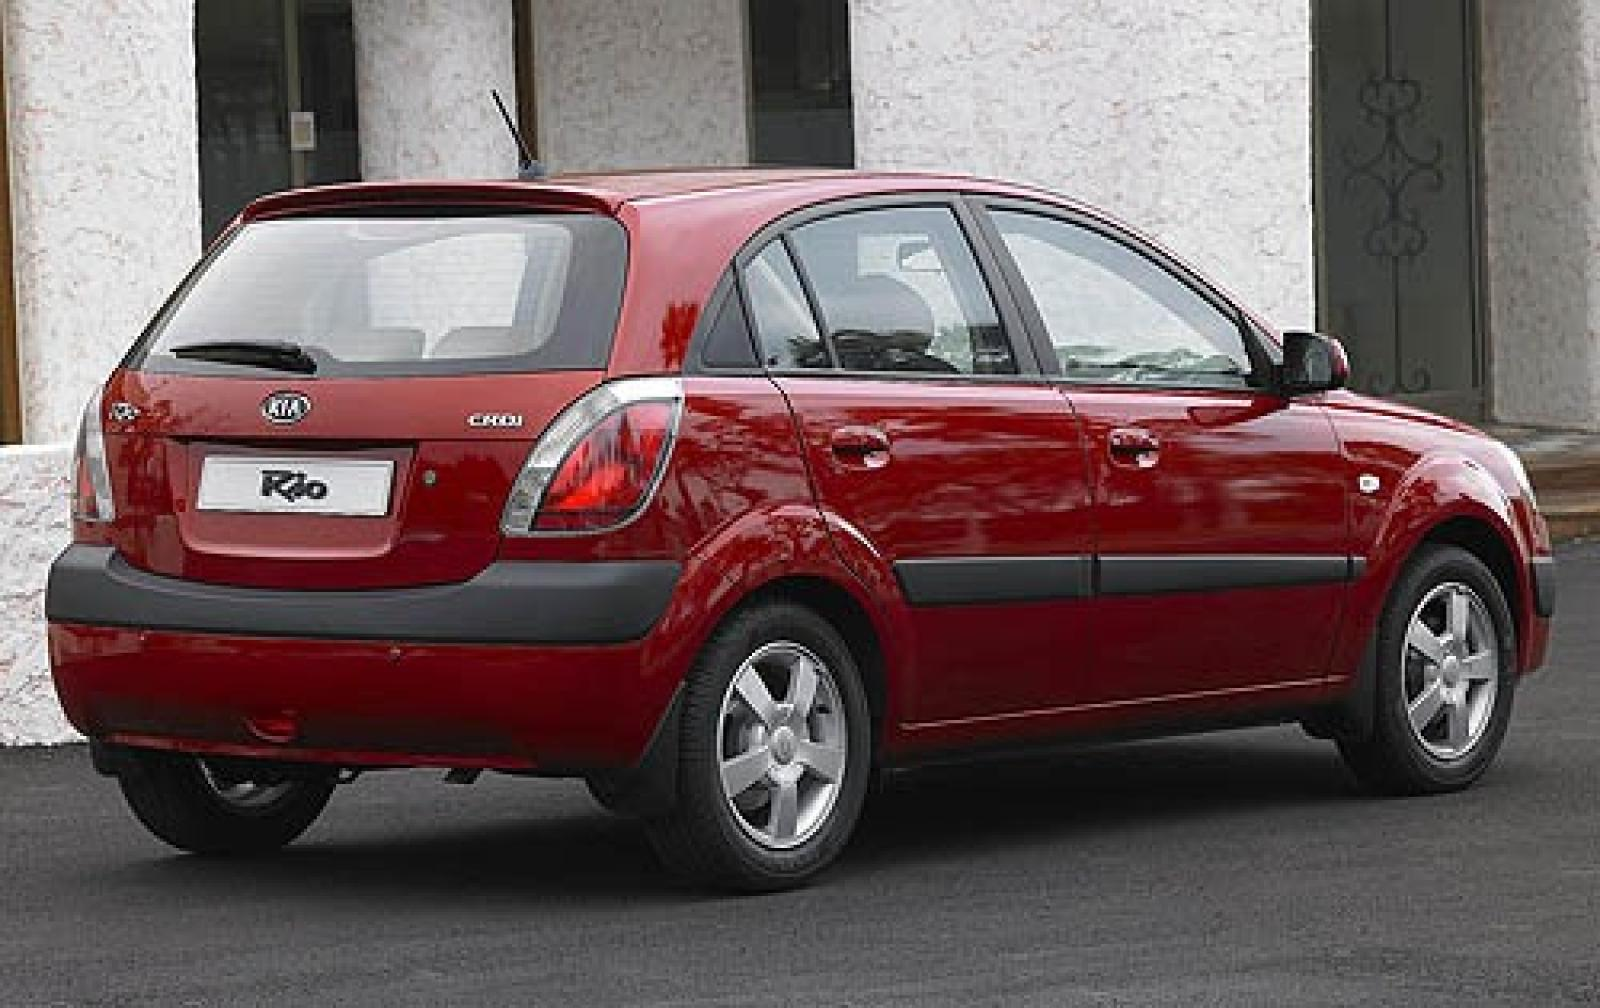 2006 Kia Rio Information And Photos Zombiedrive Rio5 Sx 800 1024 1280 1600 Origin